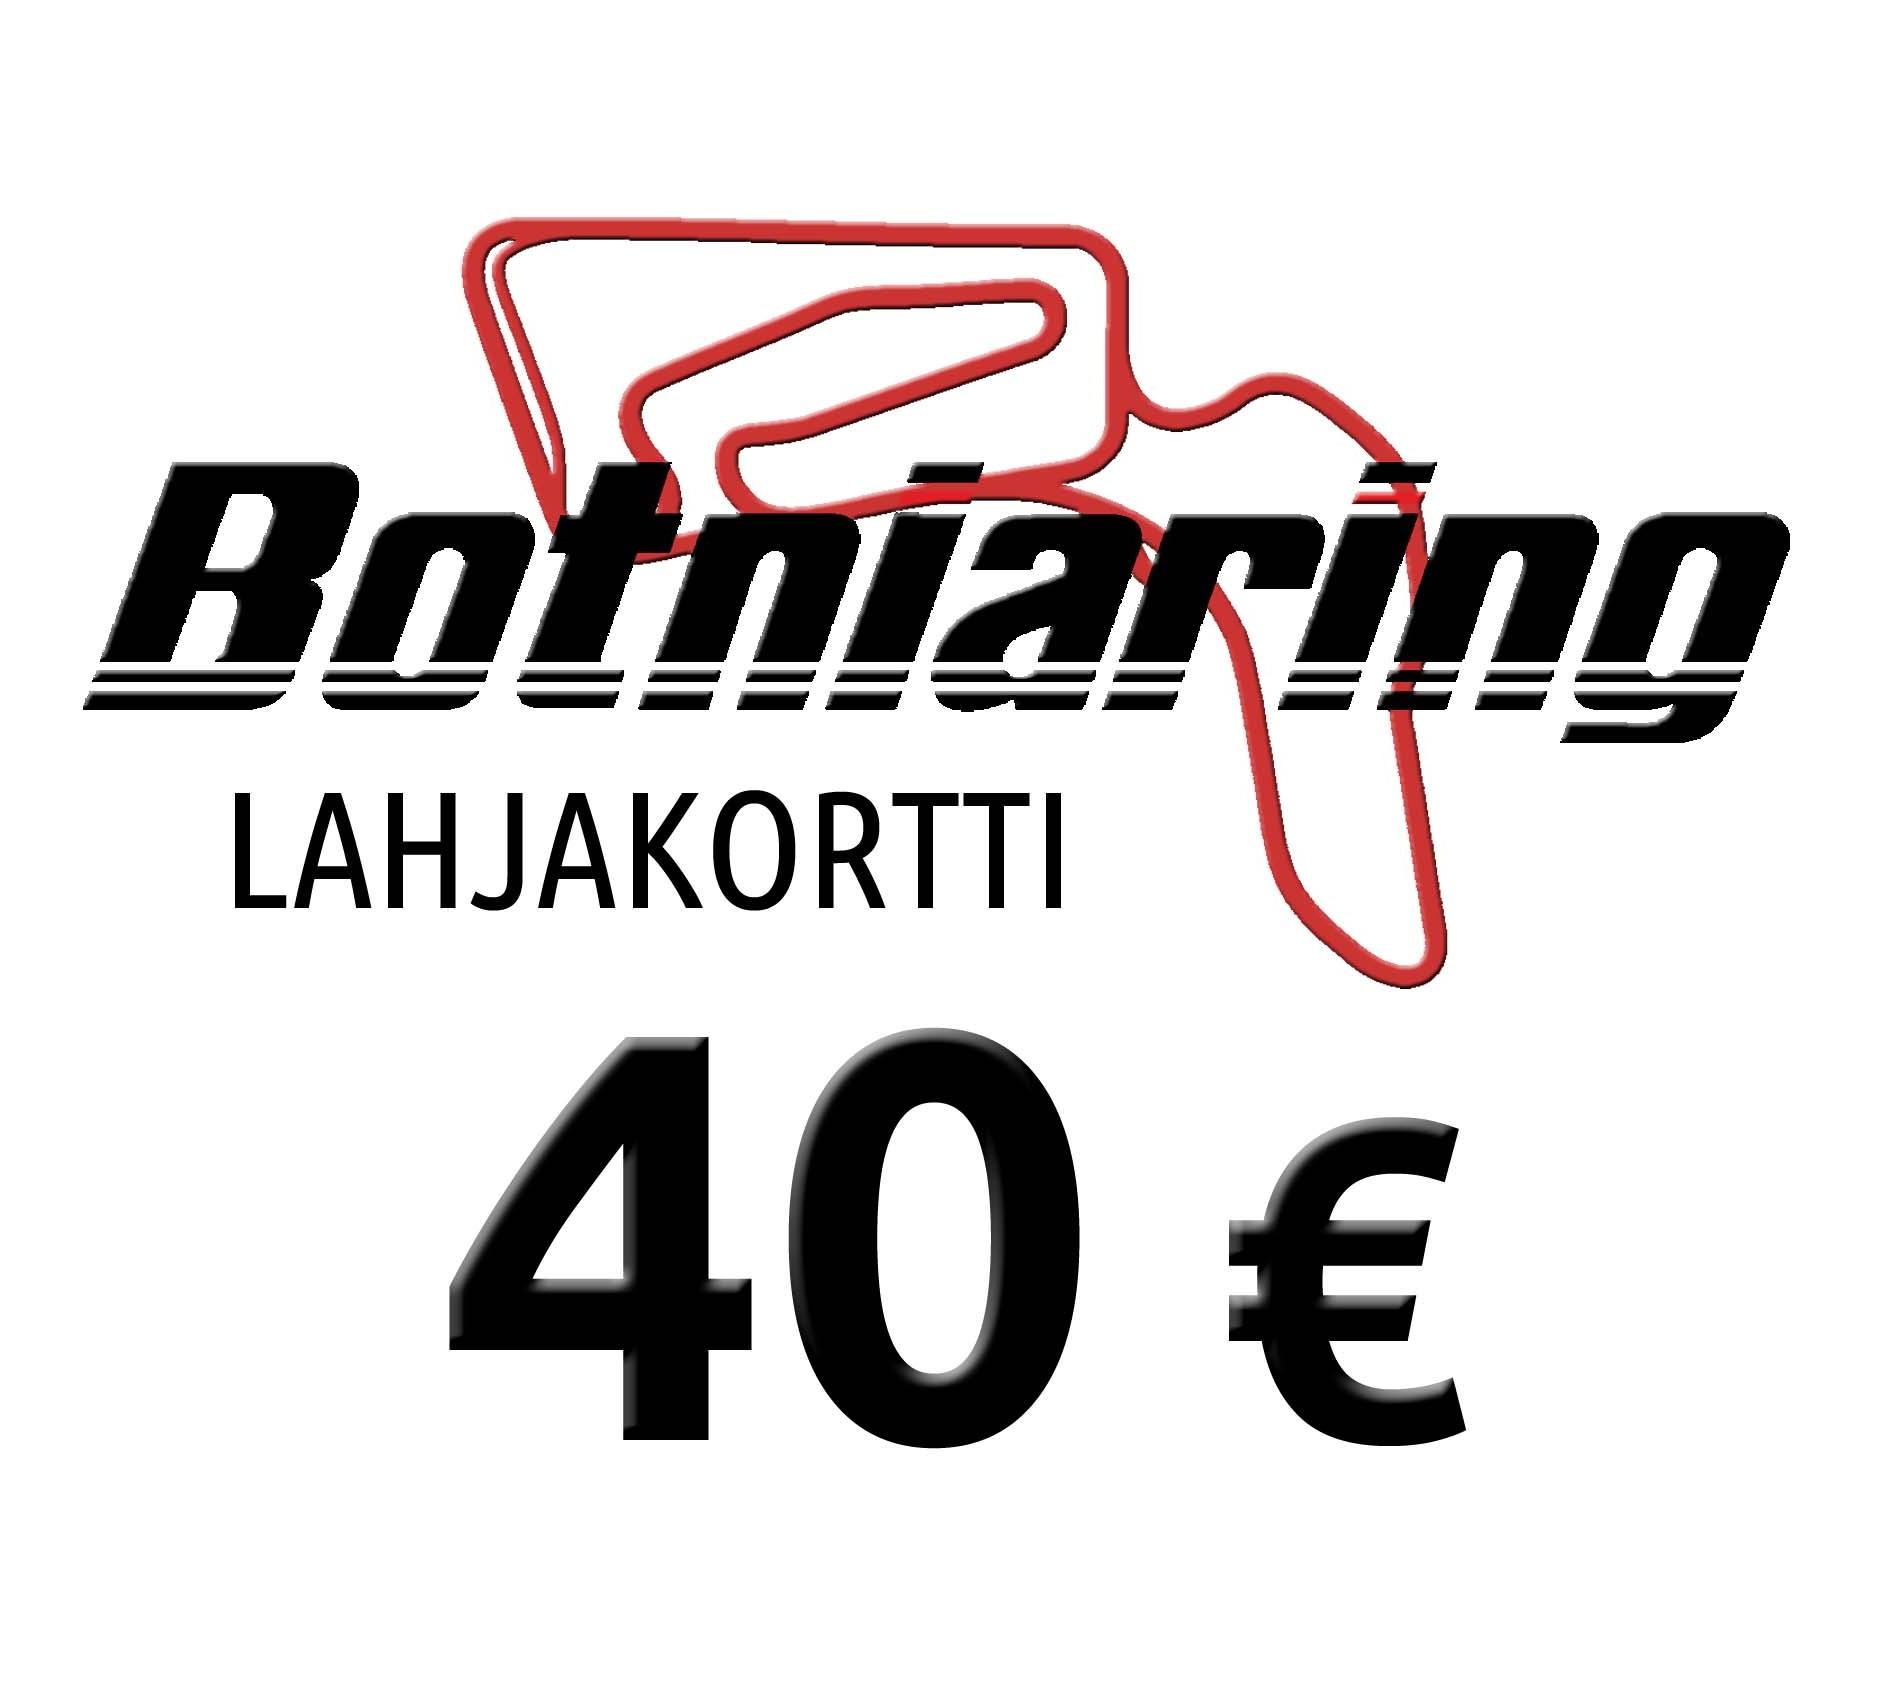 Lahjakortti 40€